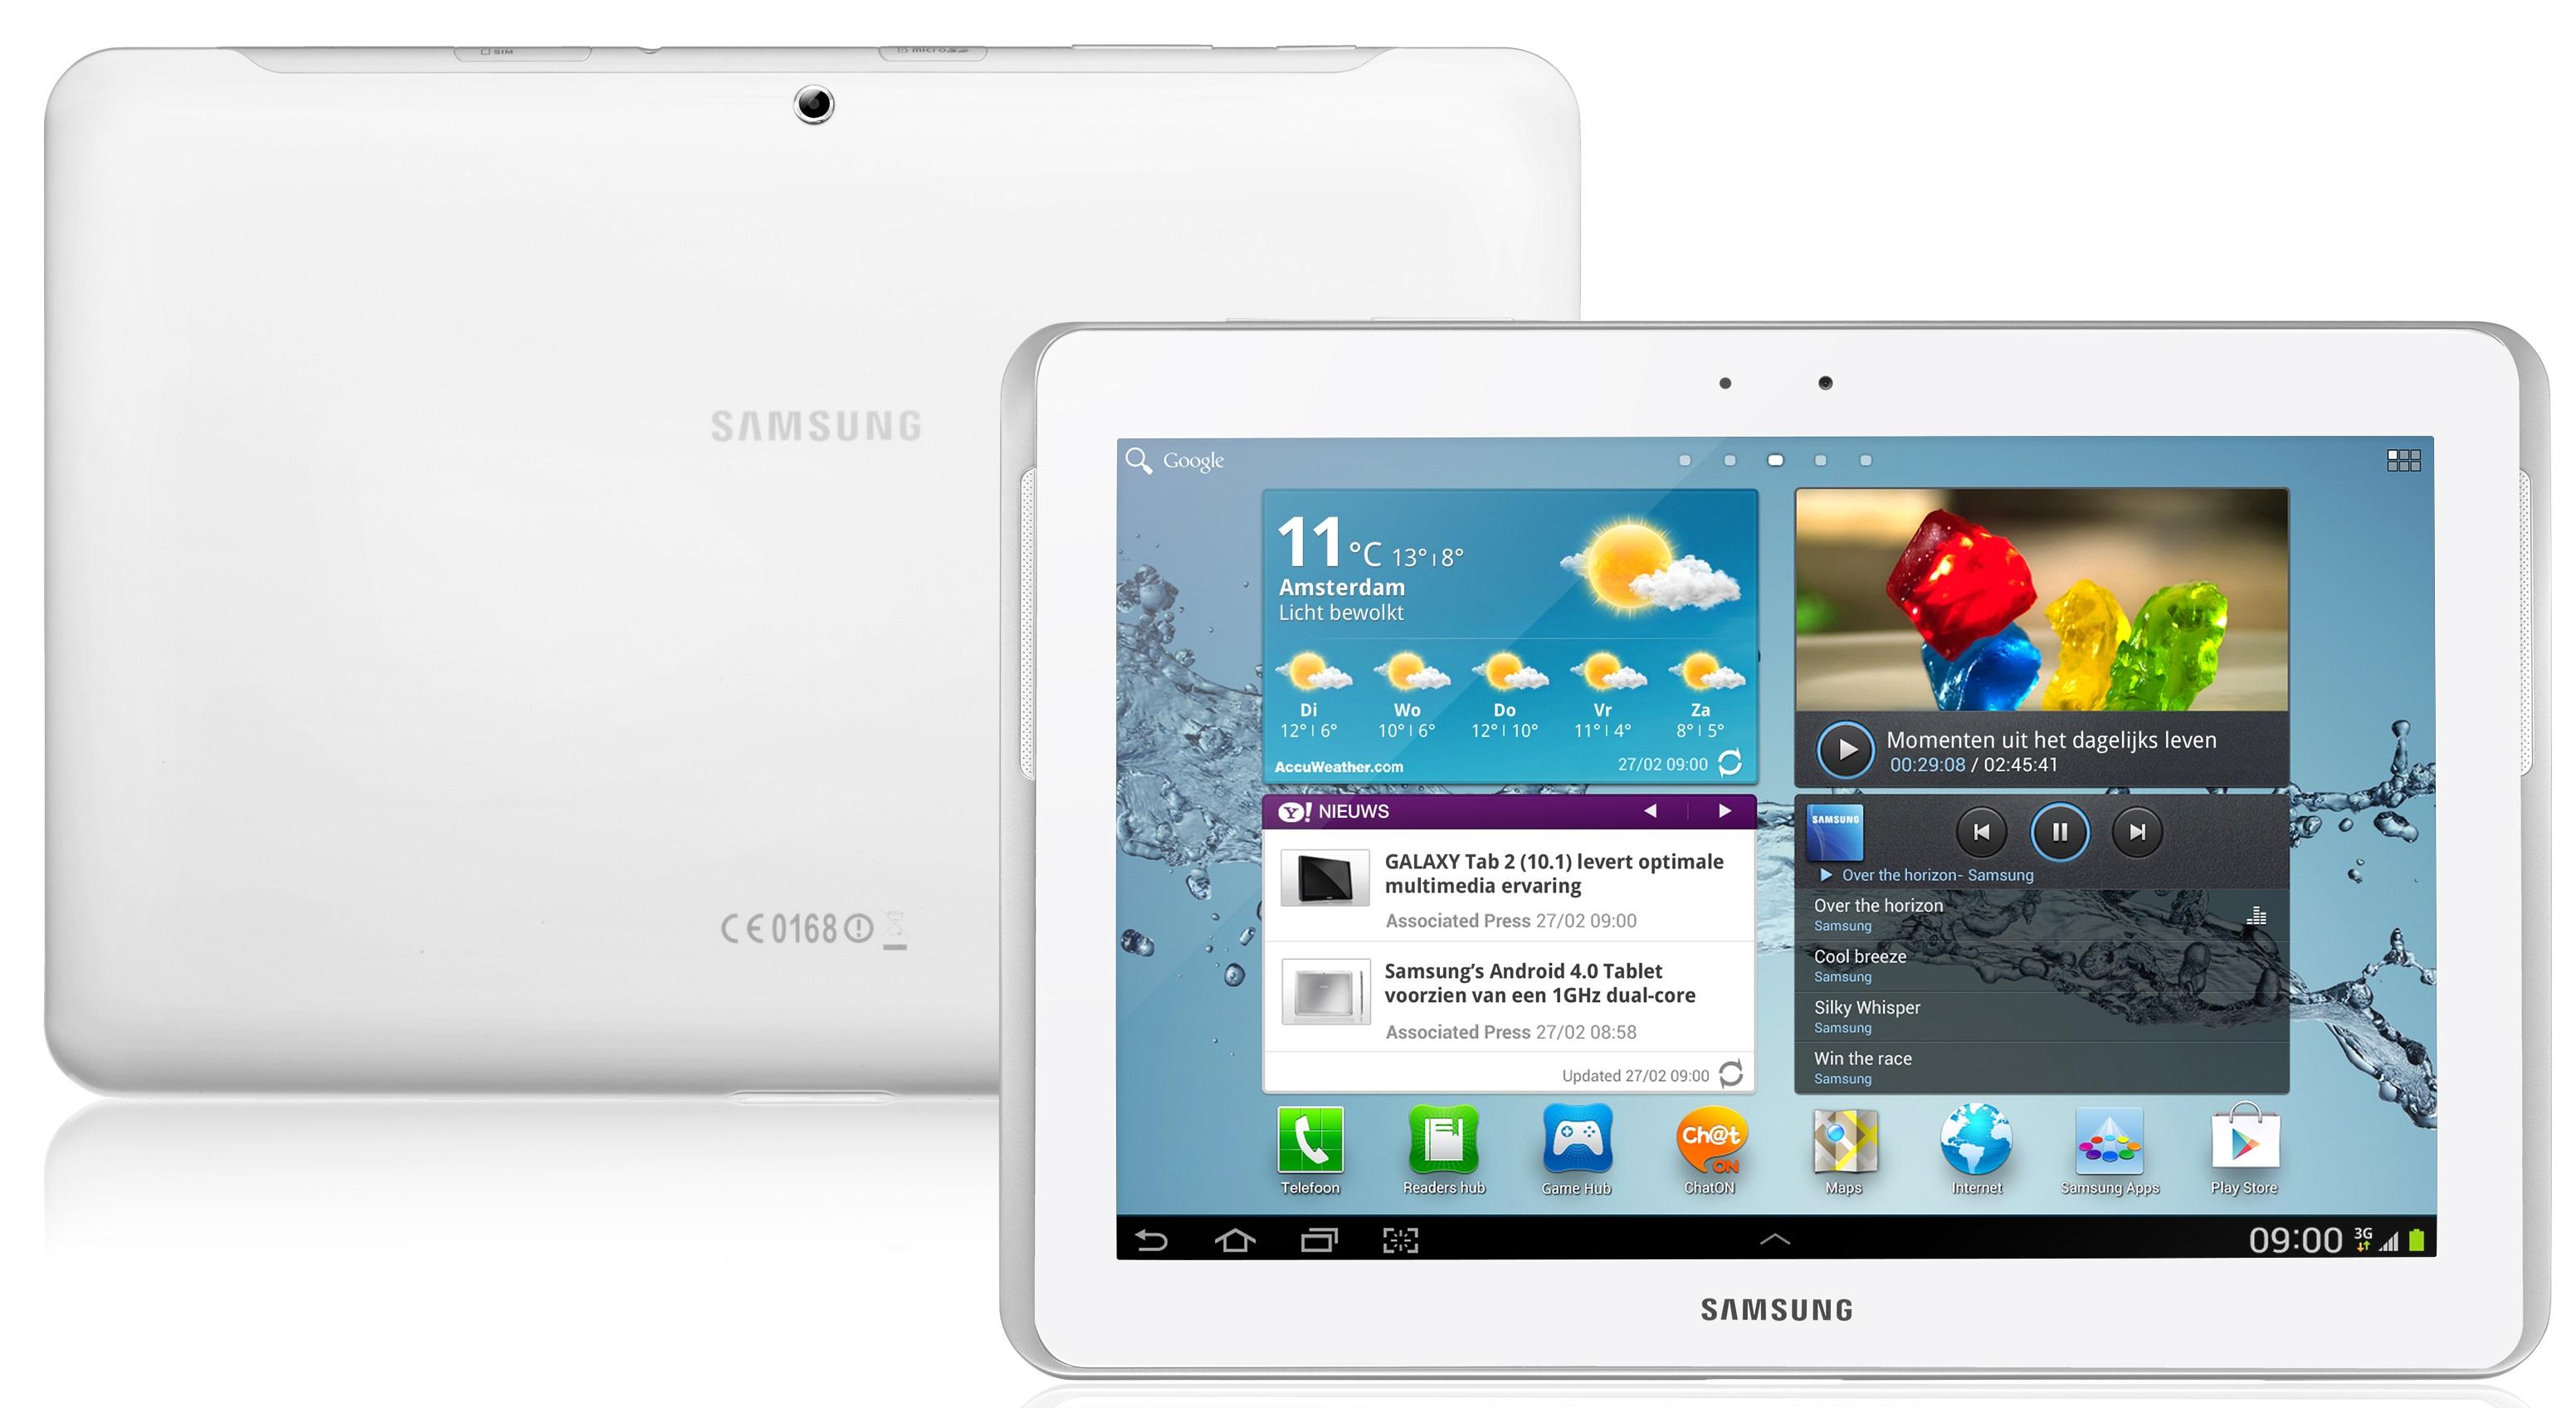 samsung galaxy tab 2 10 1 wifi 16gb wit   prijzen   tweakers